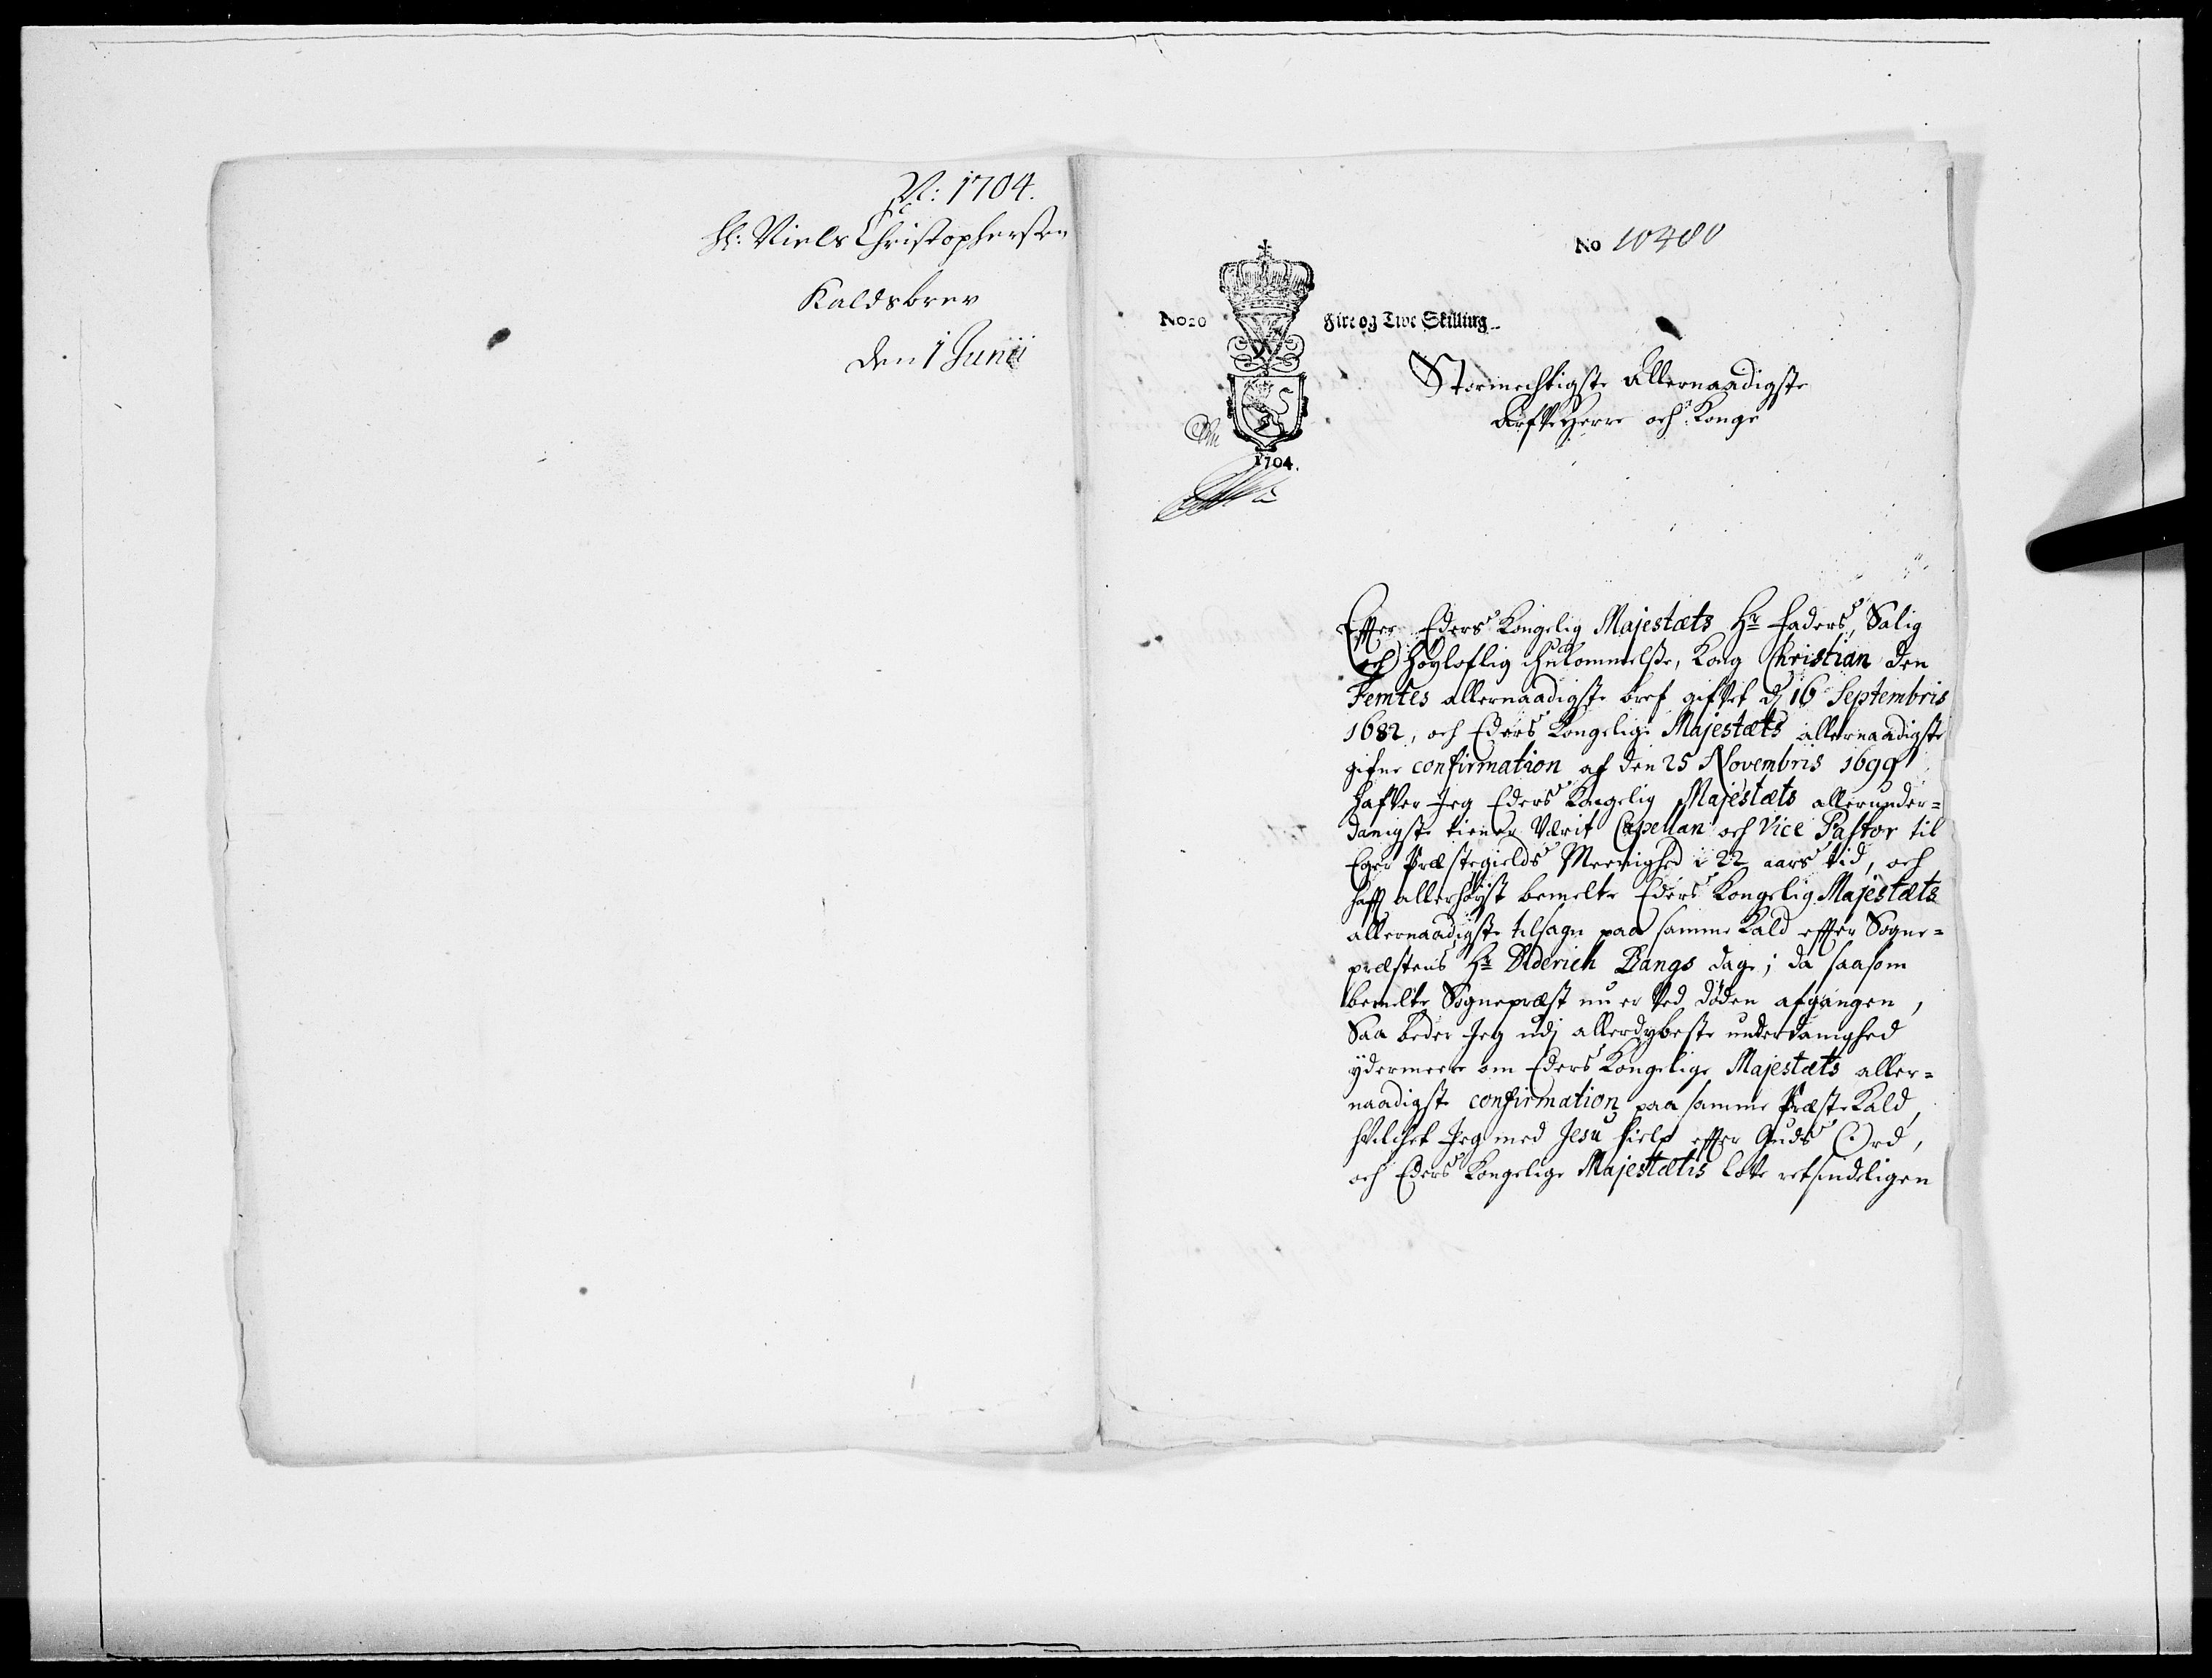 RA, Danske Kanselli 1572-1799, F/Fc/Fcc/Fcca/L0057: Norske innlegg 1572-1799, 1704, s. 45